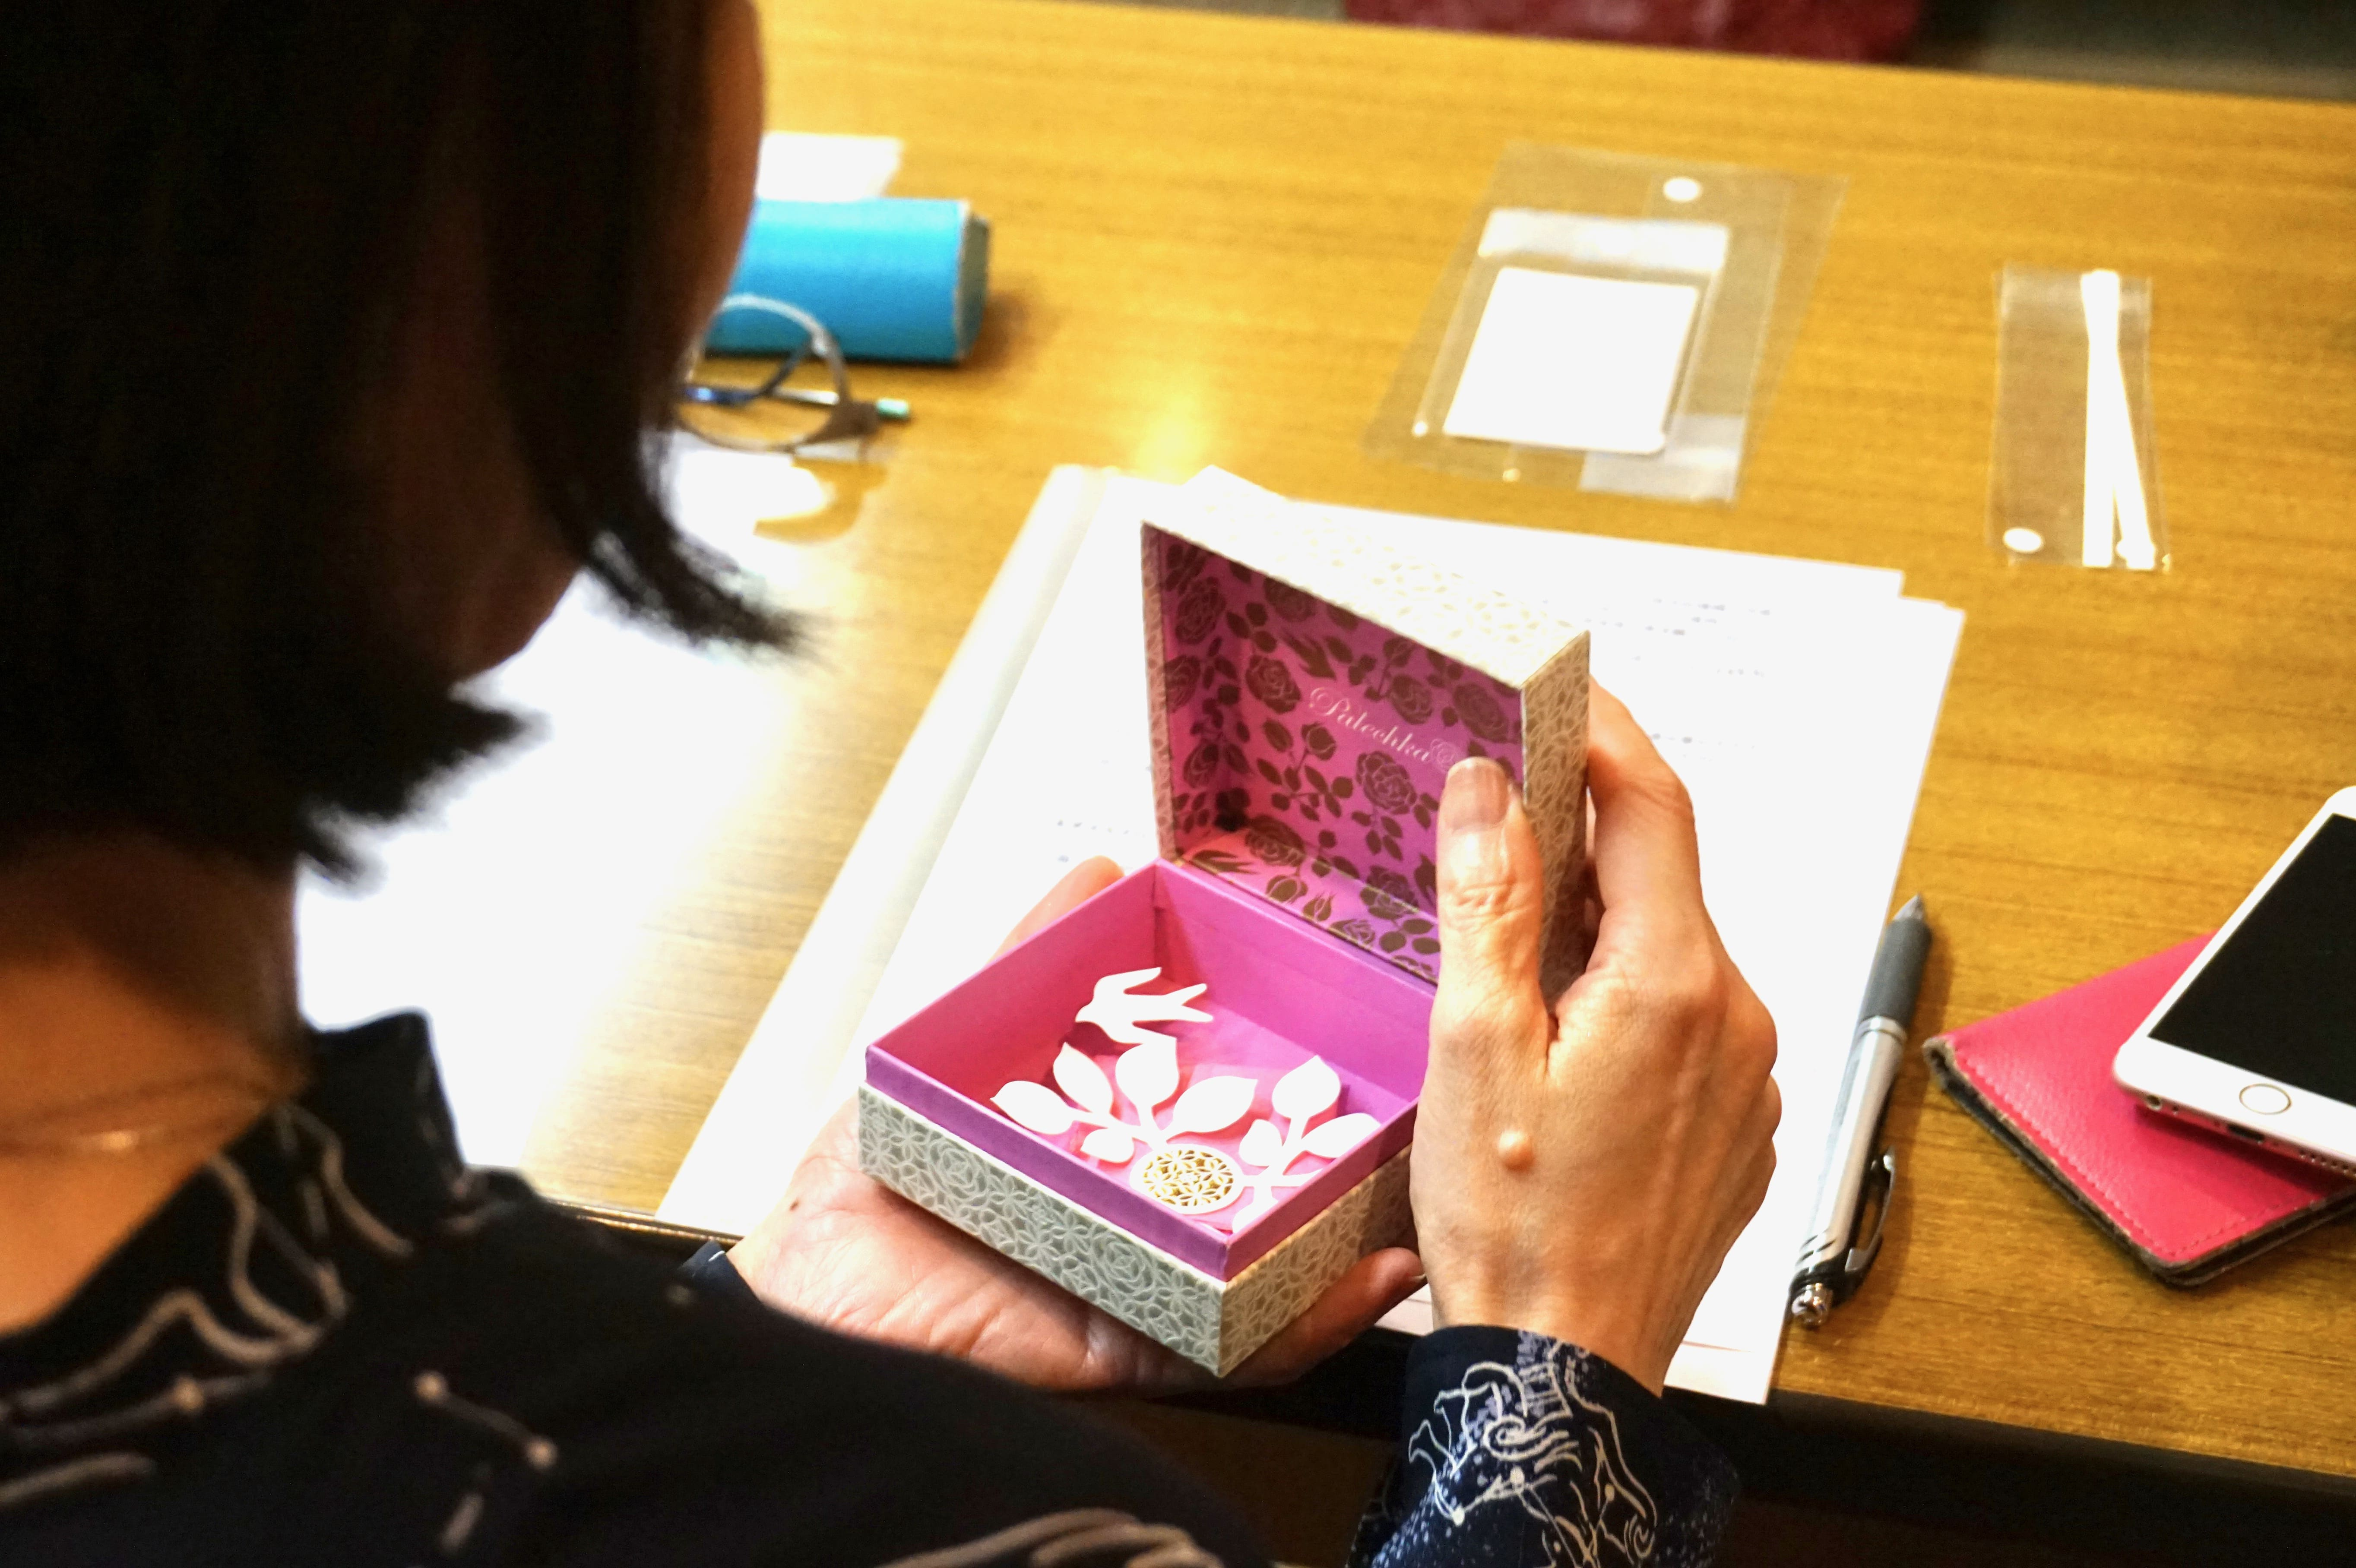 outlet store d07e0 ae1d6 La causette parfumée vol.18 | 「ラコゼットパフュメ」 La ...